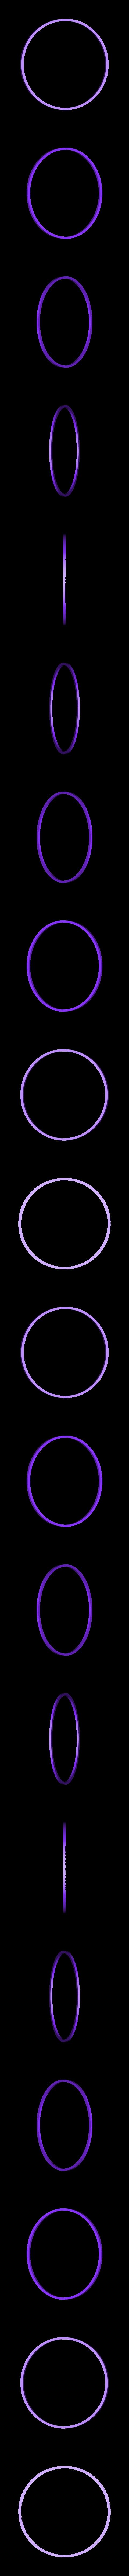 Ring1.stl Télécharger fichier STL gratuit Support mural pour casque d'écoute • Objet pour imprimante 3D, Witorgor